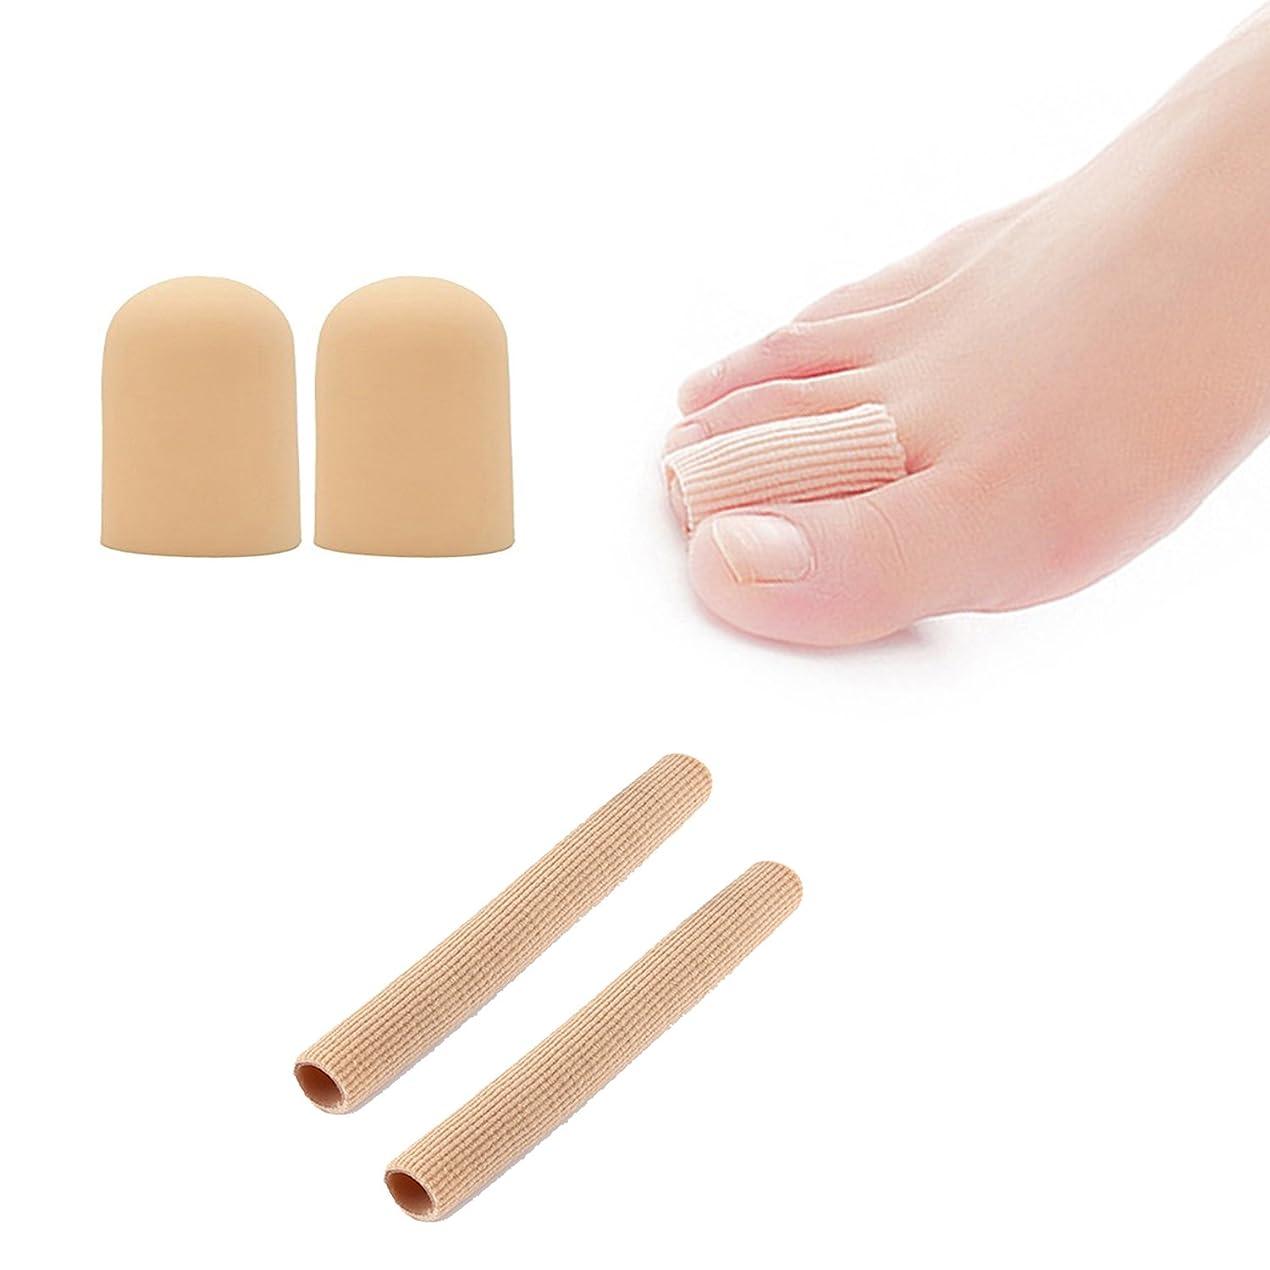 スノーケル起きているシリーズ足指保護キャップ つま先プロテクター 足先のつめ保護キャップ シリコン 調整可能